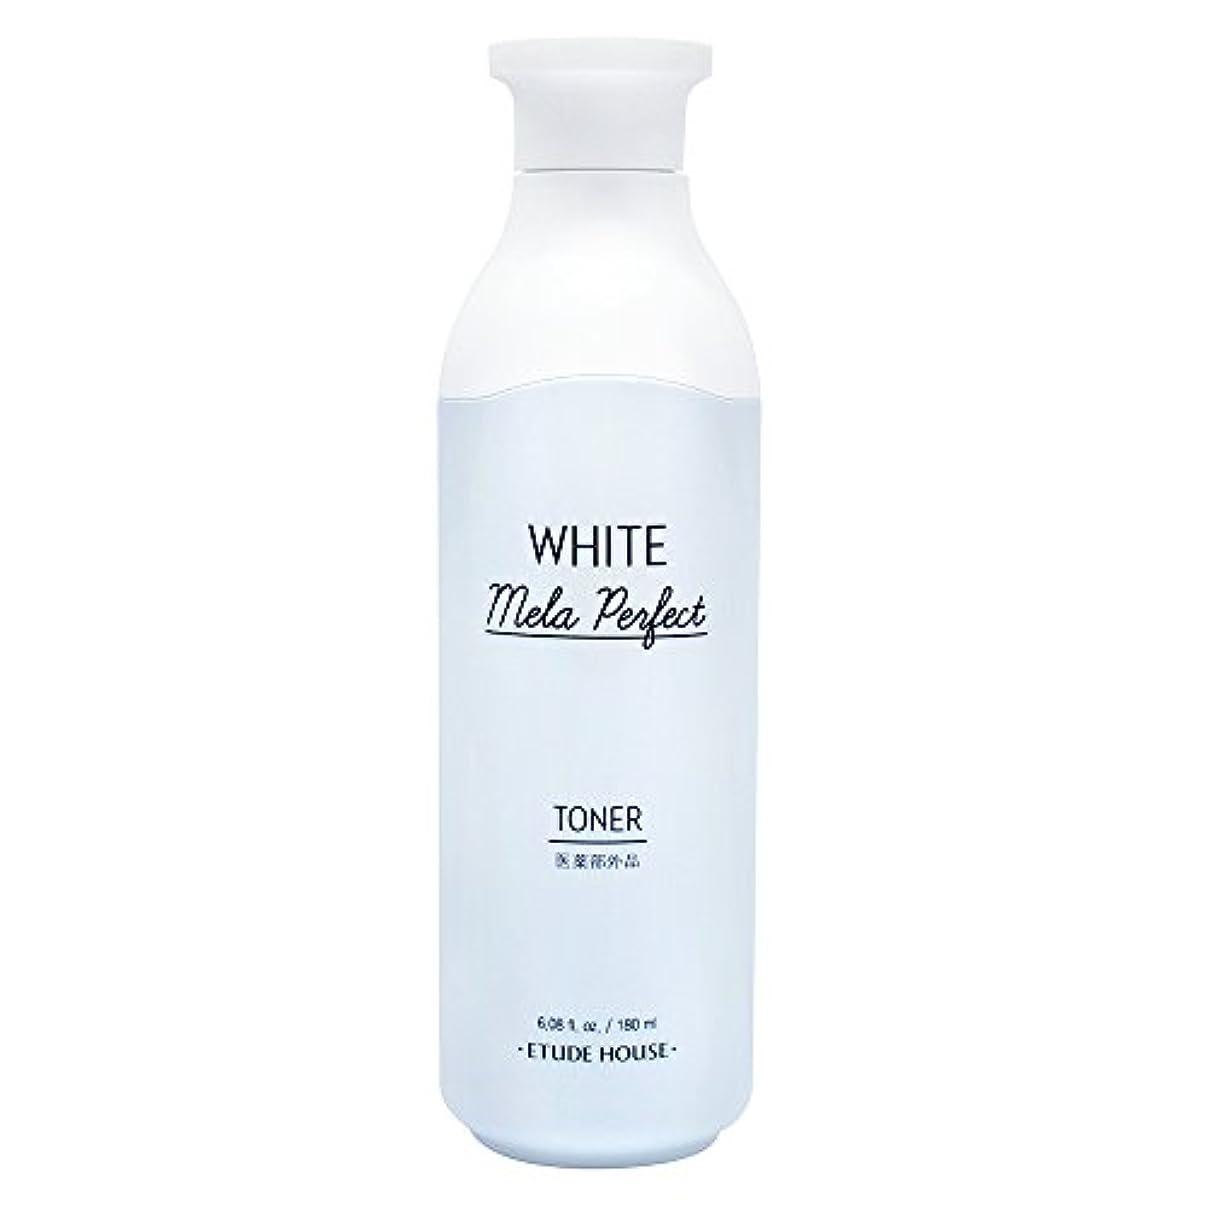 ガムエジプト素晴らしいエチュードハウス(ETUDE HOUSE) ホワイトメラパーフェクト トナー[美白化粧水、化粧水]